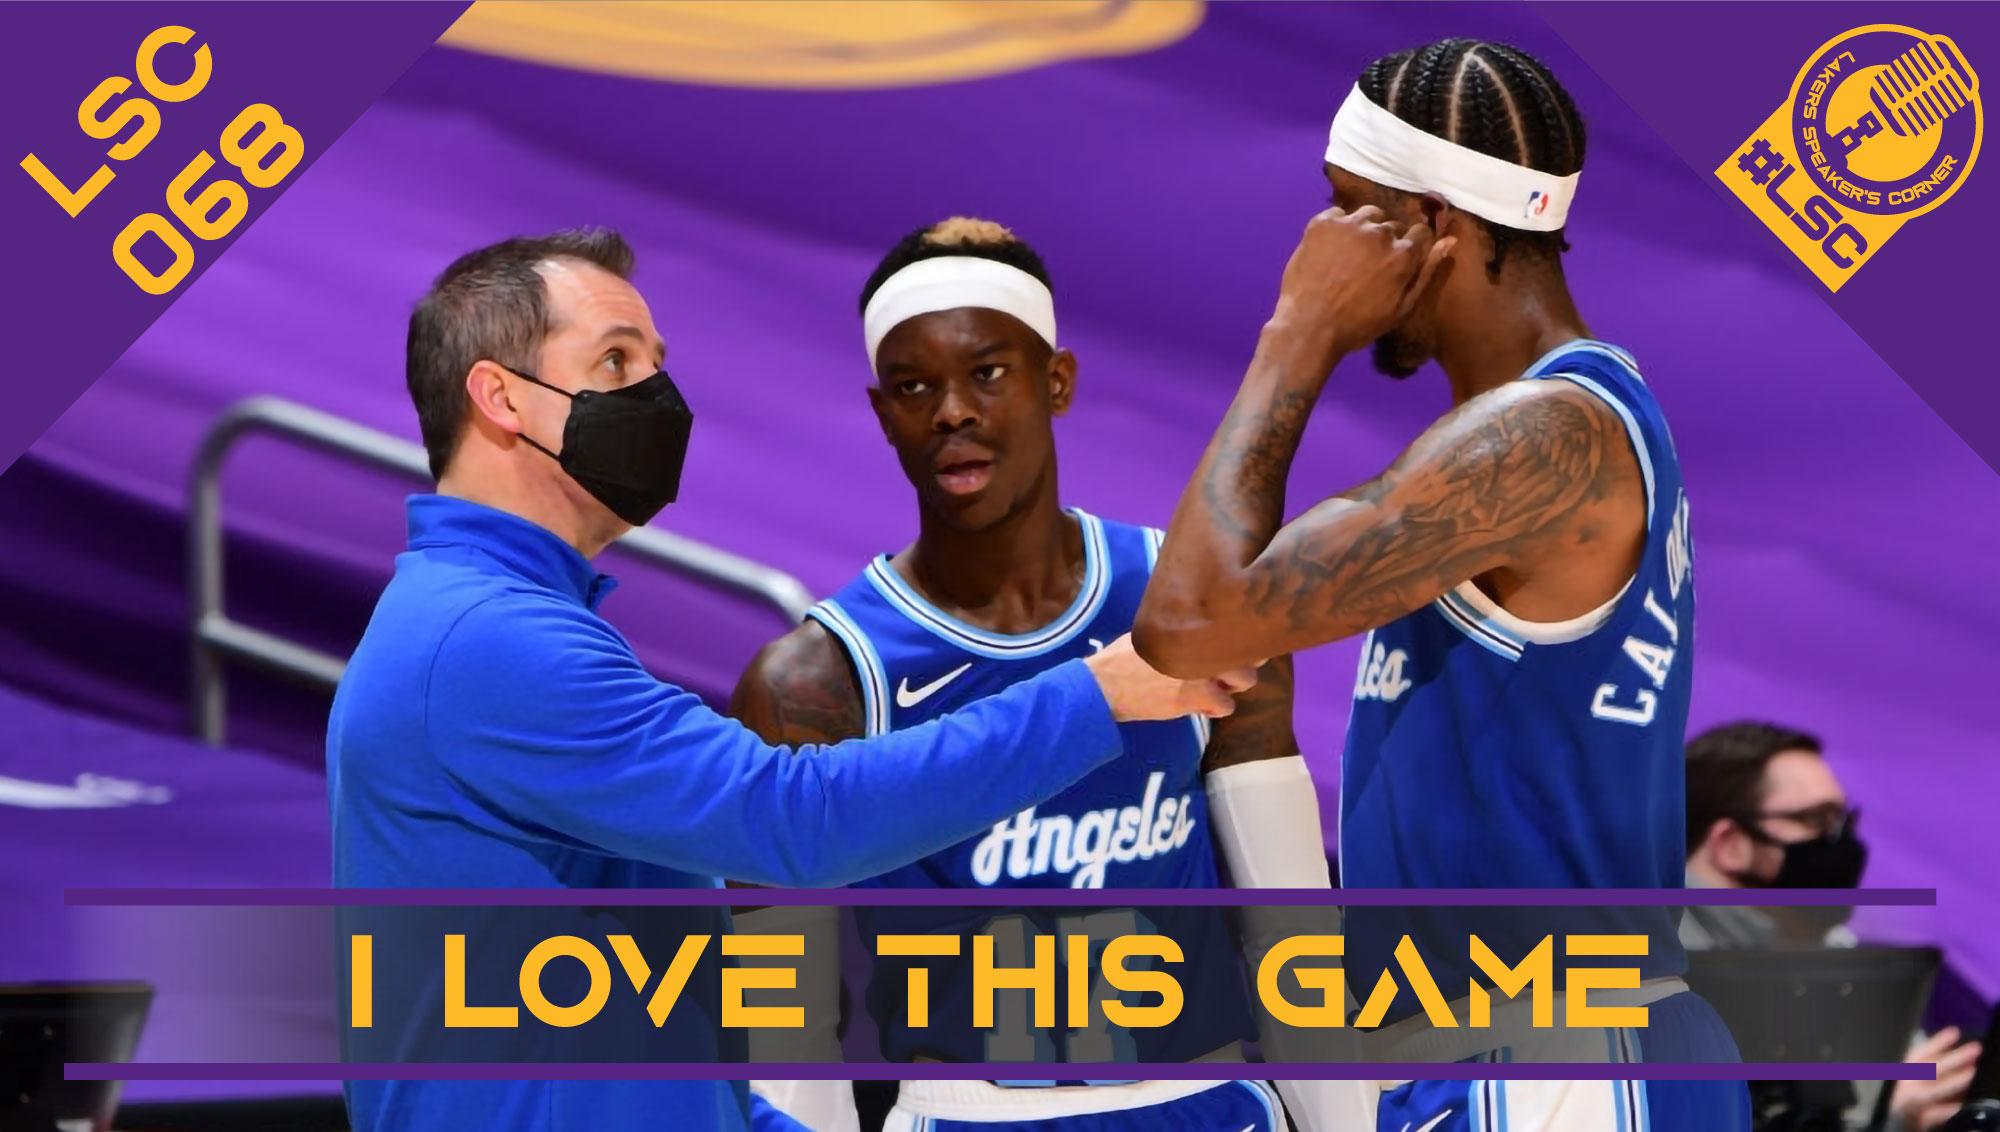 L'inserimento di Andre Drummond nei Lakers, la crescita di KCP e la nostra intervista a Daniele Mazzanti, Social Media Manager di NBA Italia.